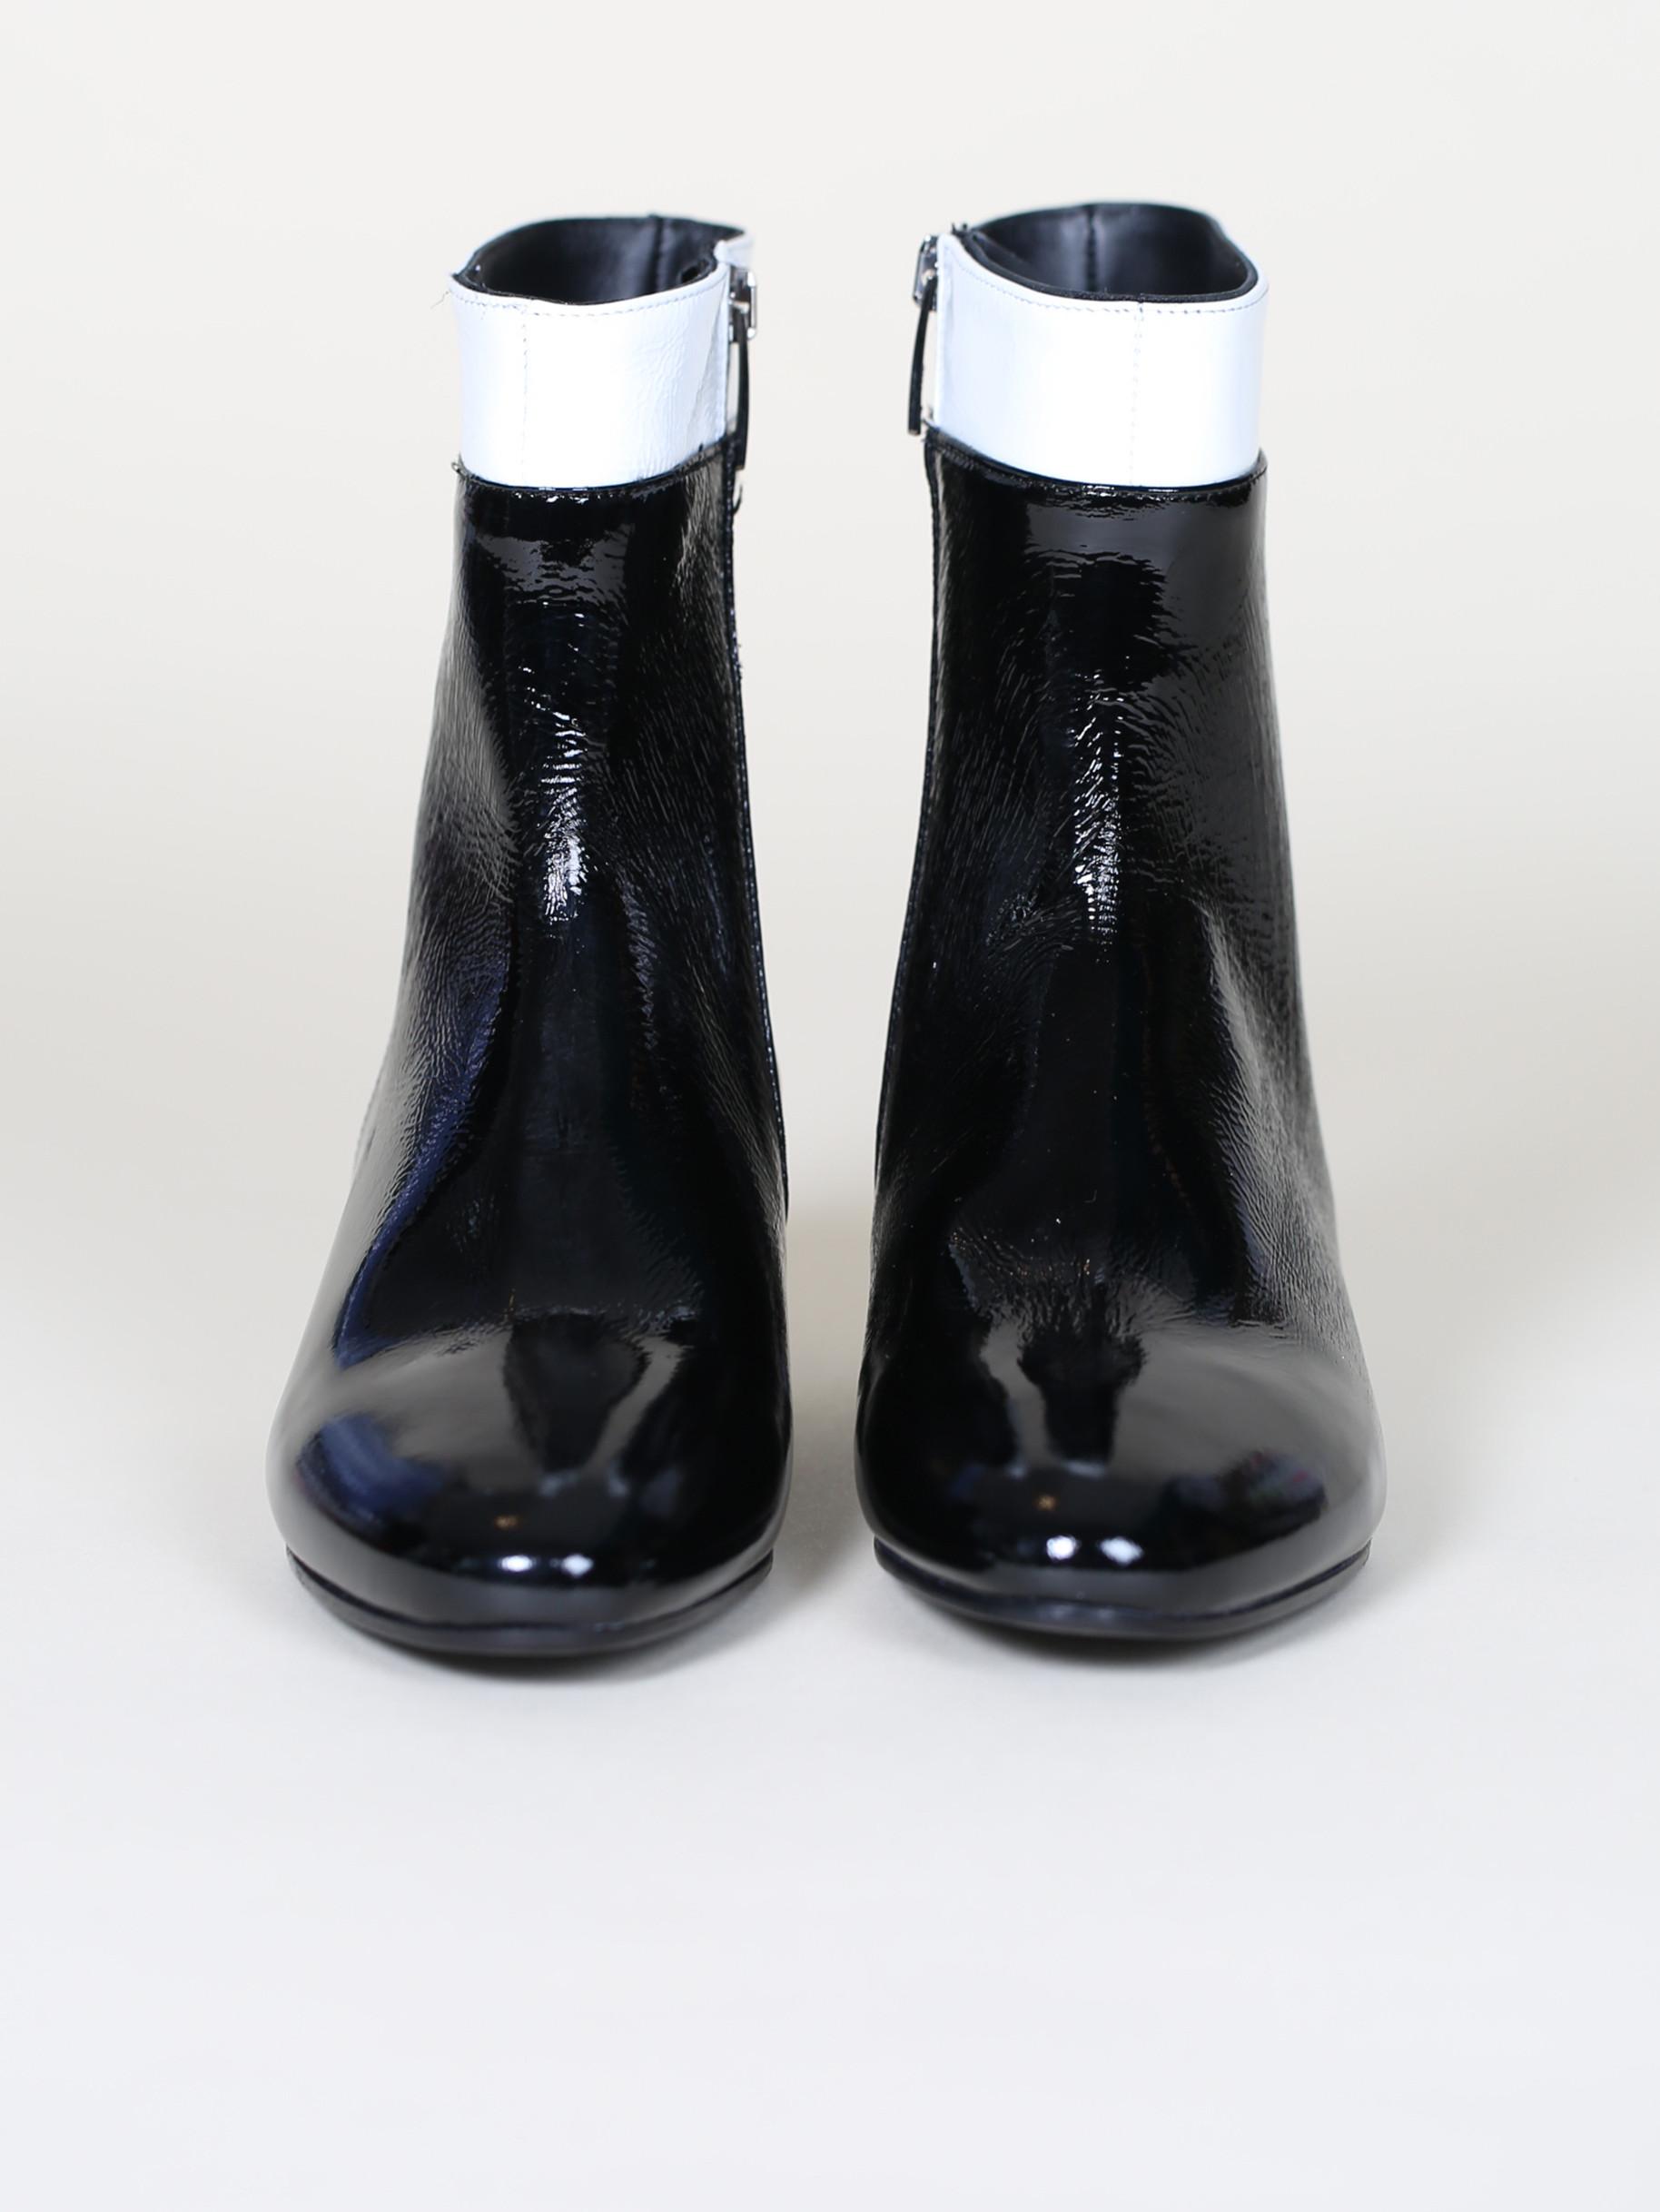 noir blanc Bottines cuir et verni qSzVLUMpG